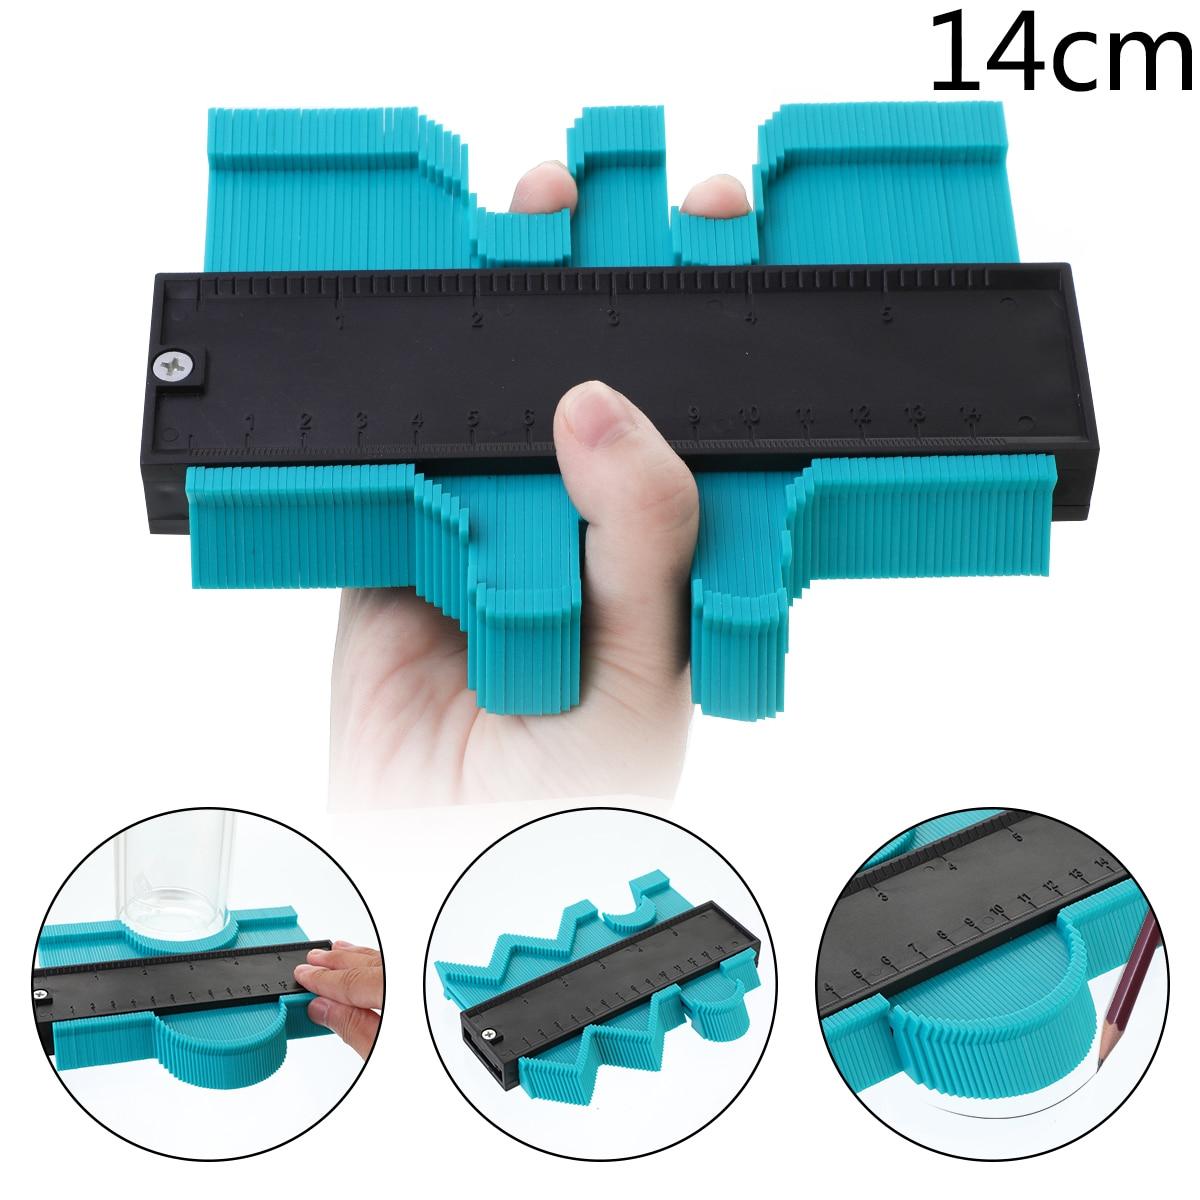 Многофункциональный контурный профиль калибровочный плиточный ламинат кромка формирующая деревянная измерительная линейка ABS контурный манометр Дубликатор 5/10 дюймов - Цвет: 14cm